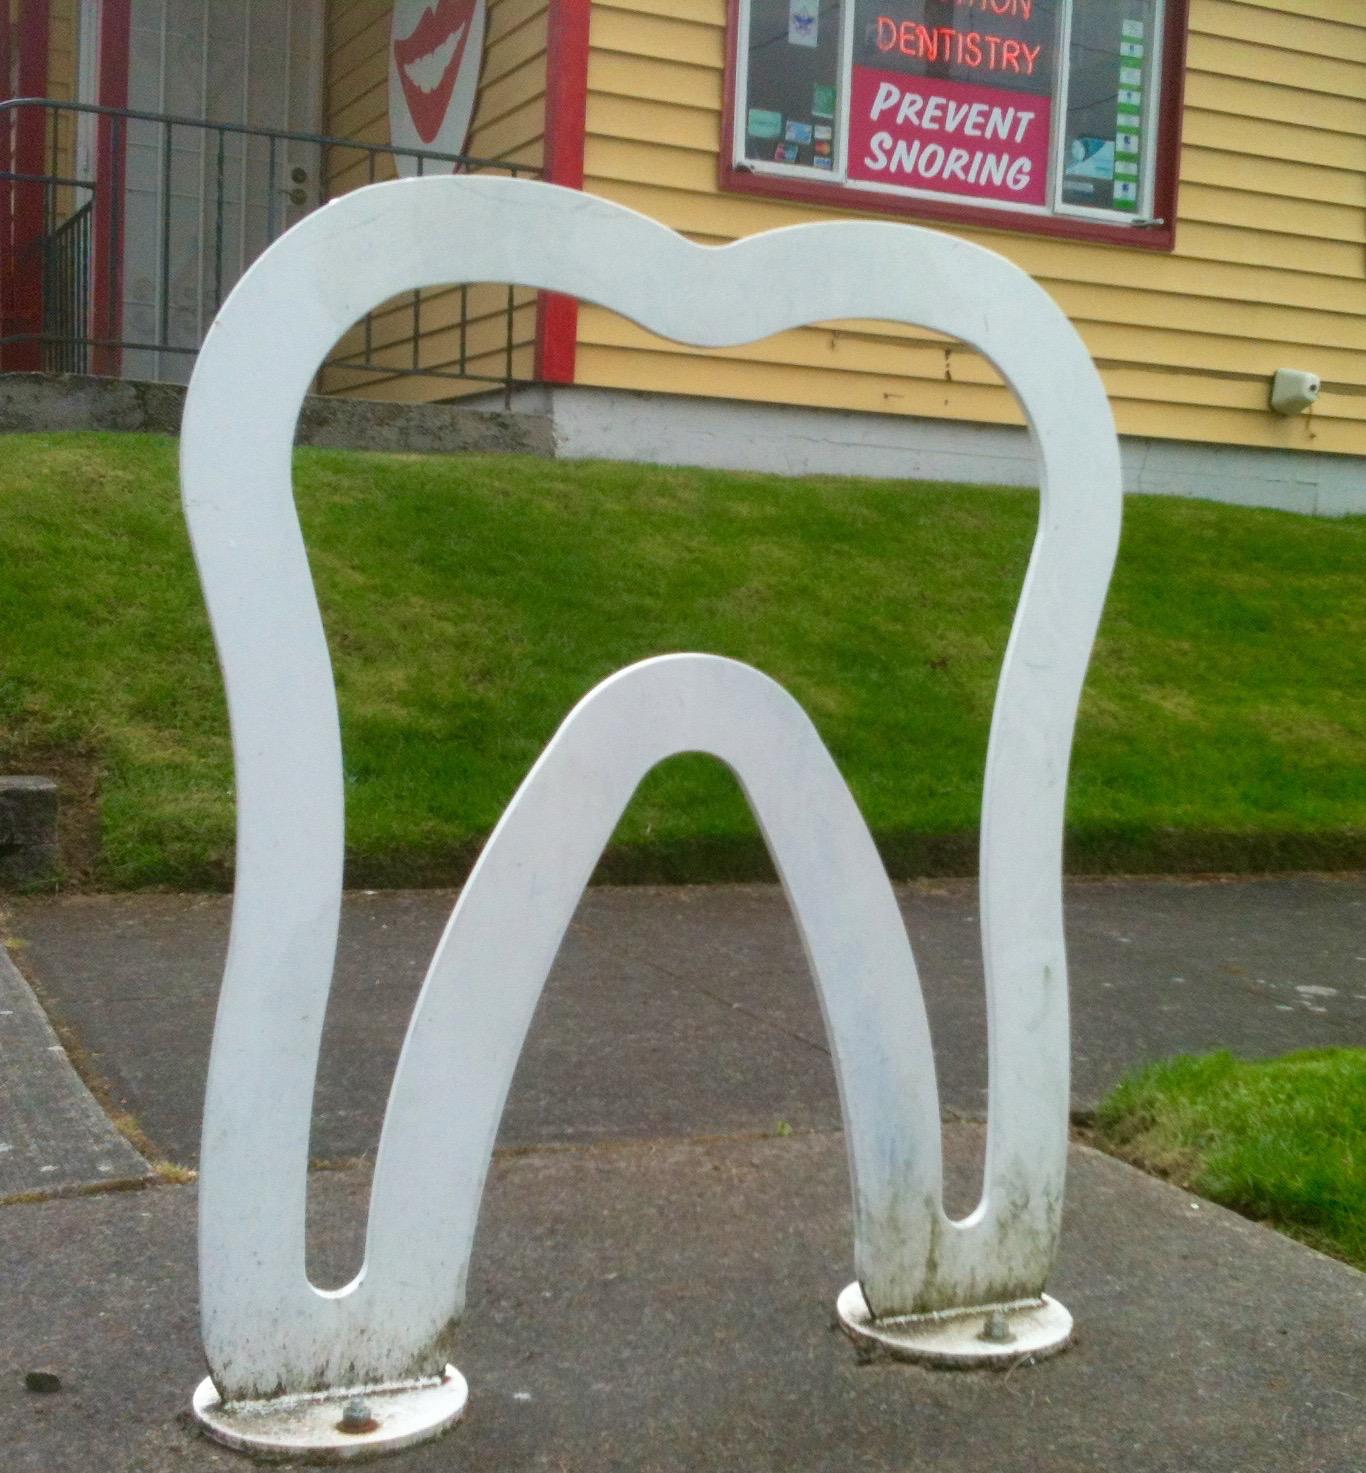 Pop Art Dentistry 2